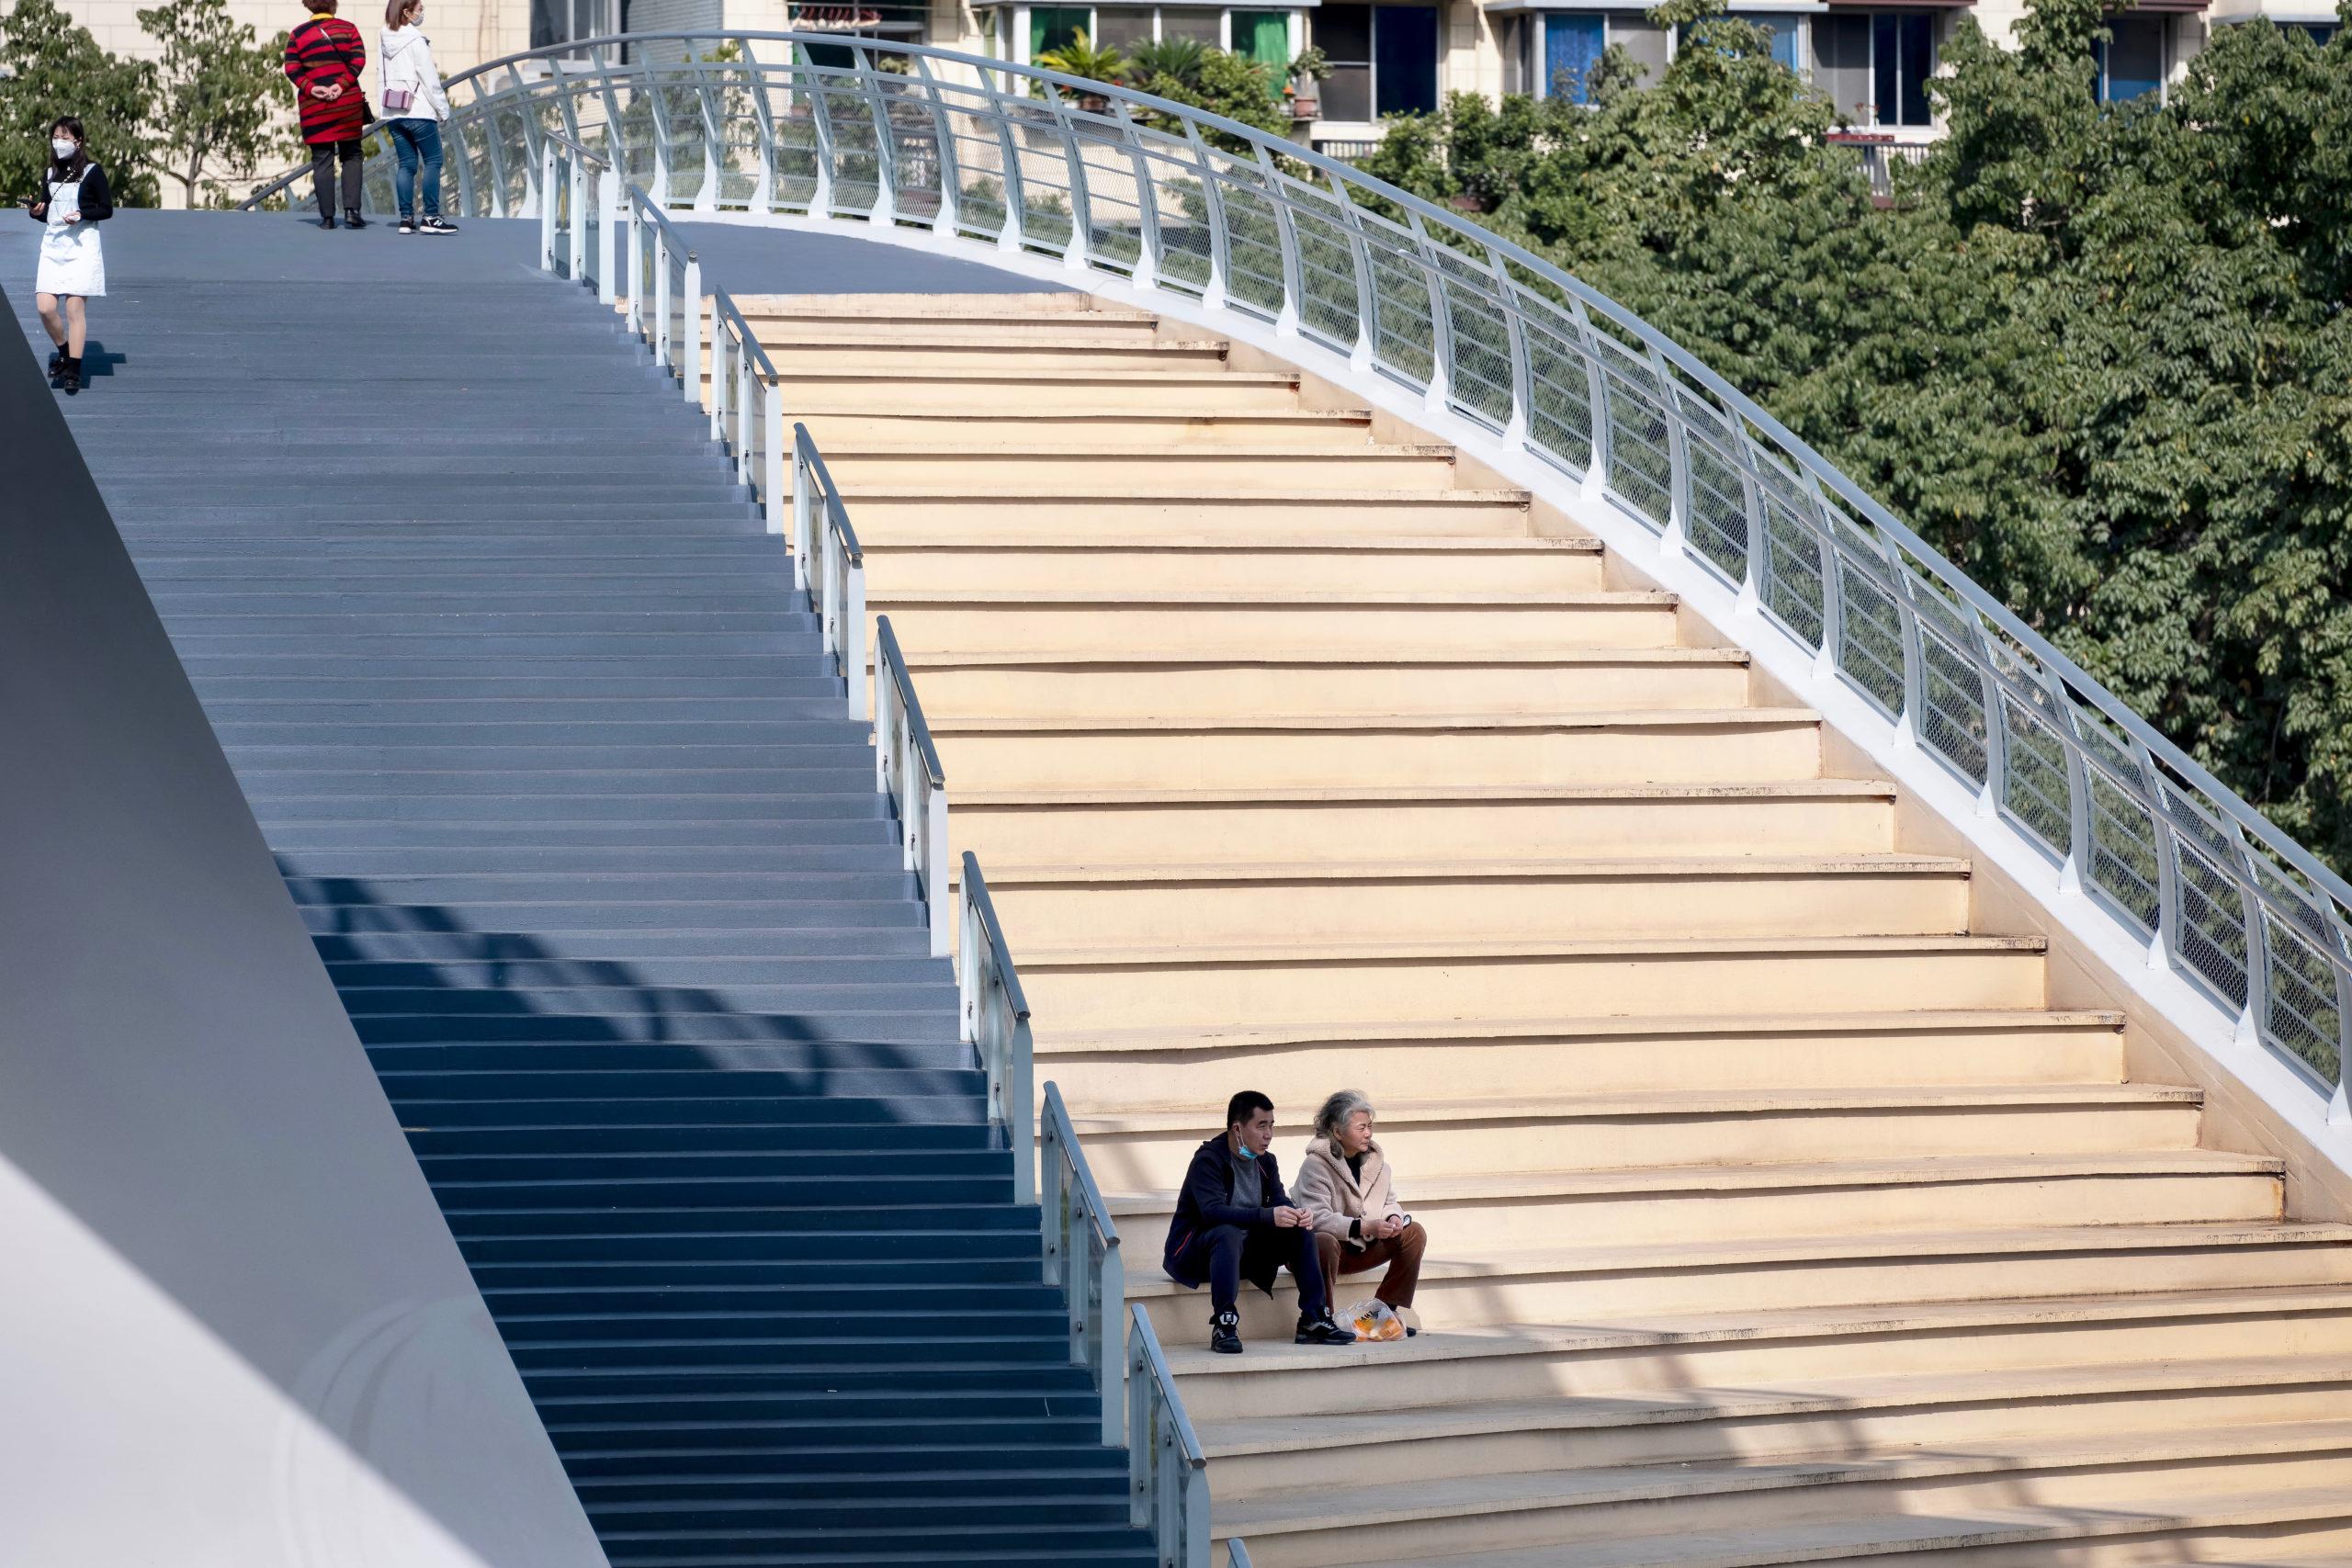 五岔子大橋 Wuchazi Bridge day view showing people on the stairs